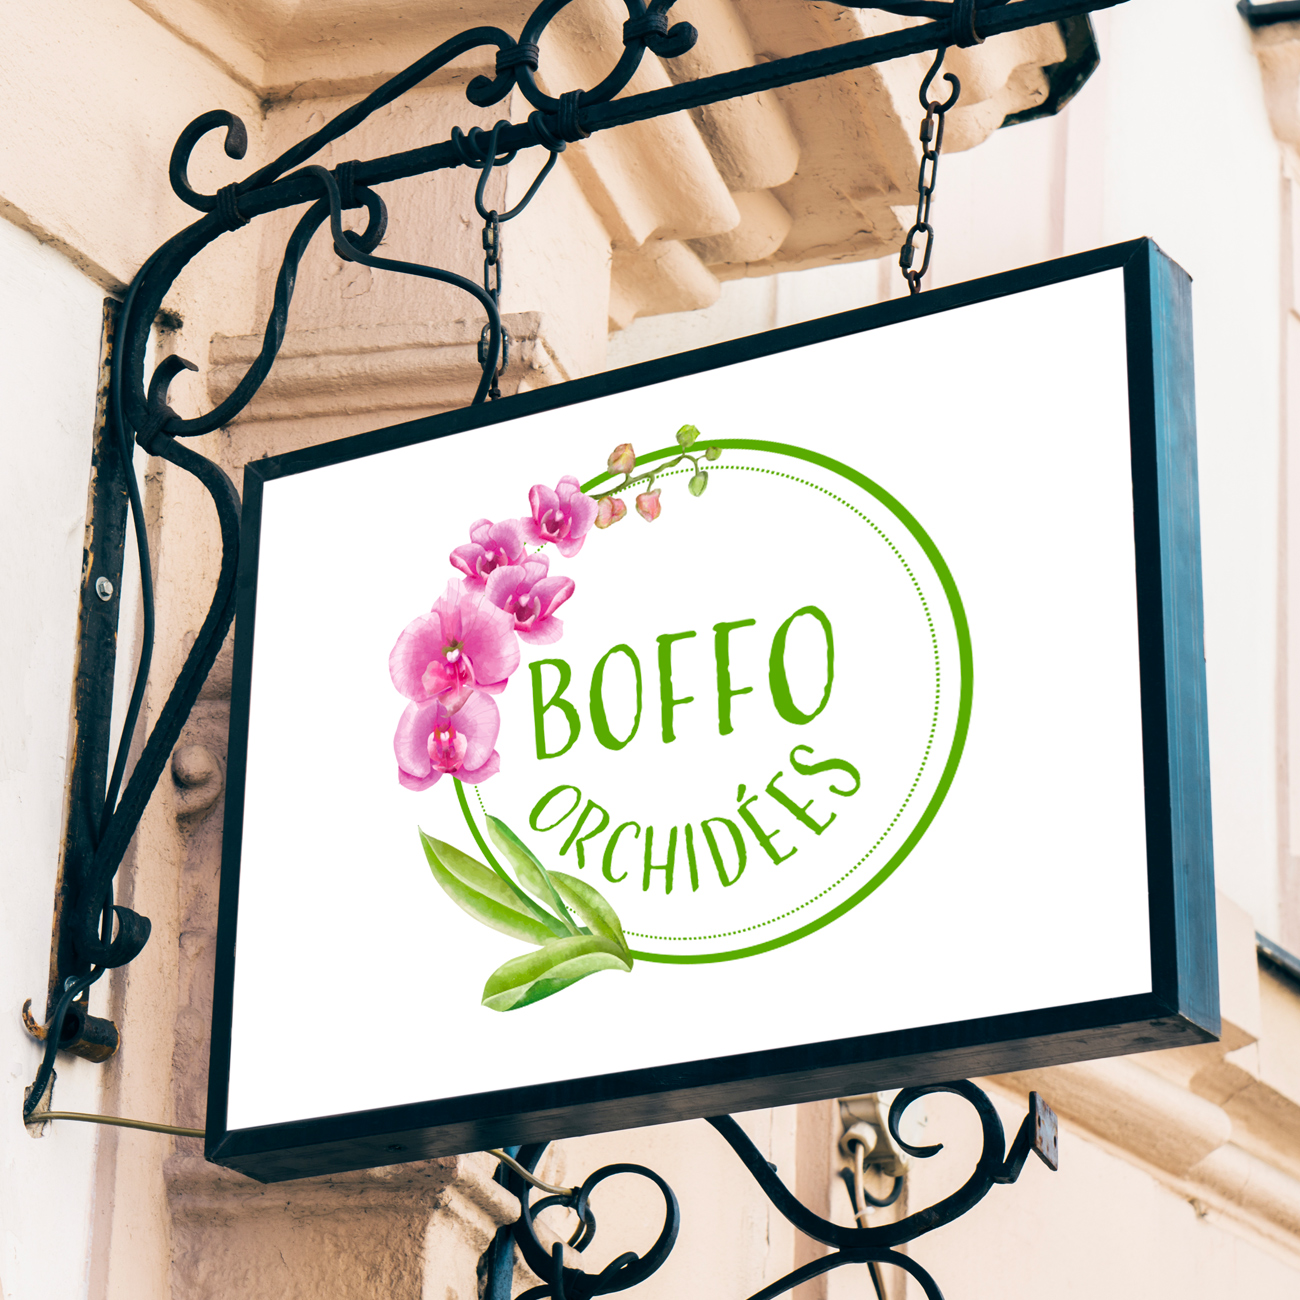 Création de site e-commerce et boutique en ligne à Toulouse - Site Boffo orchidées - Agence AKADOM